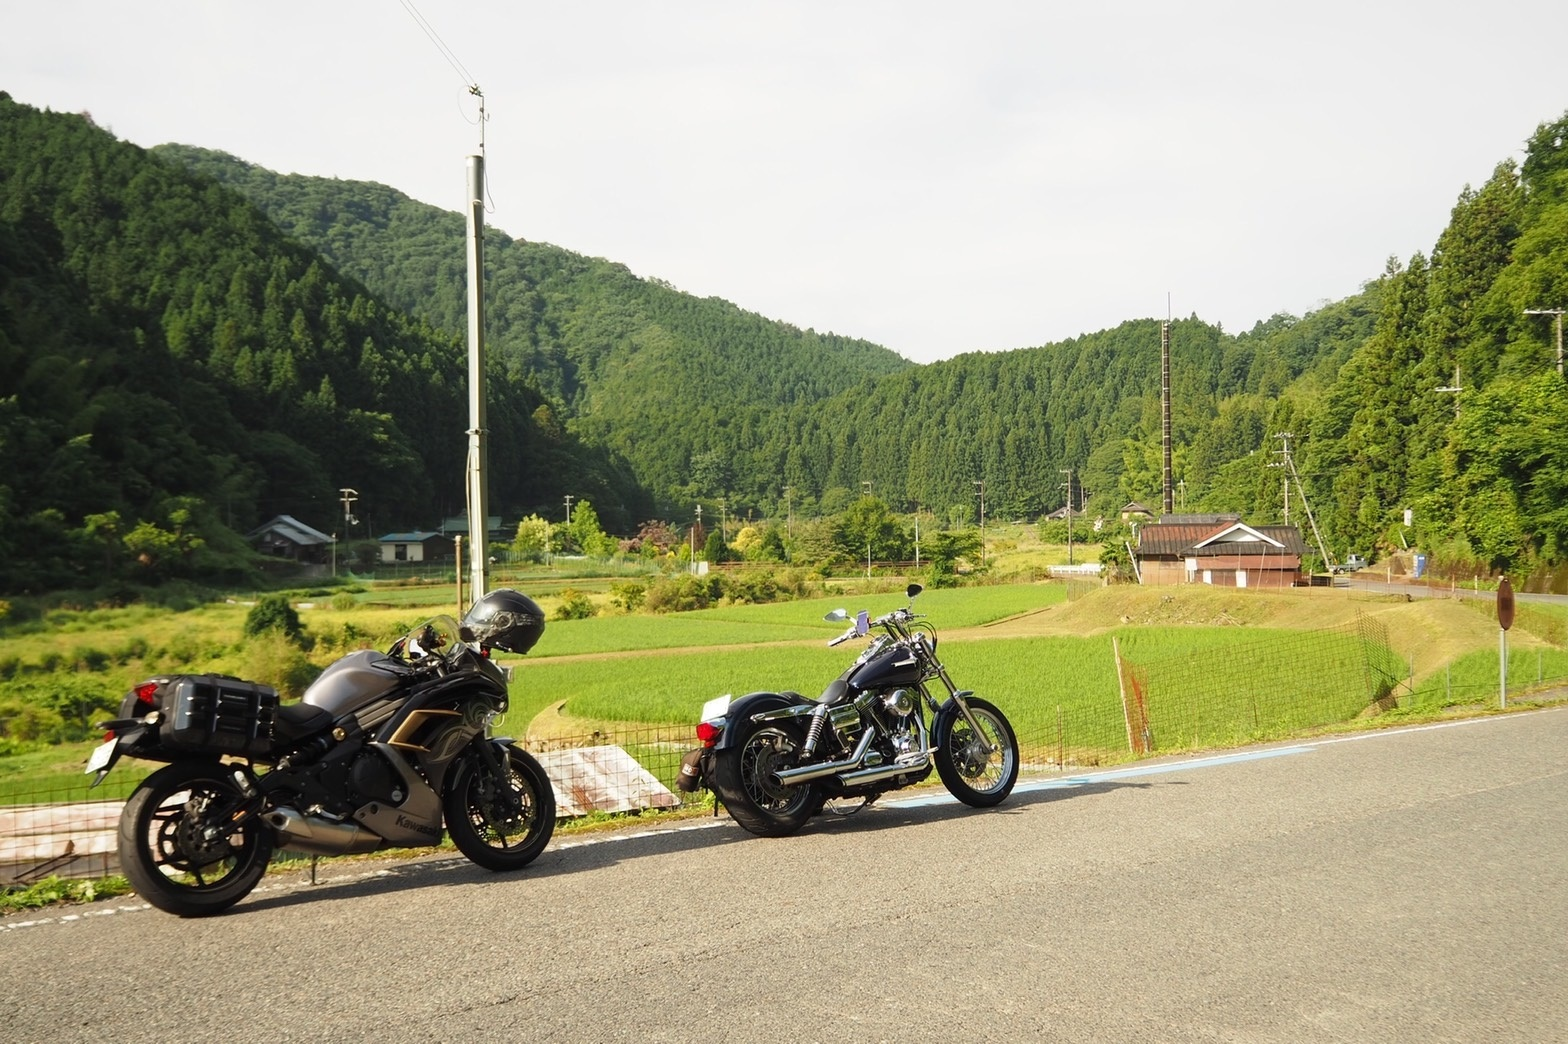 ぴーきち&ダイナ ハーレーブログ 和歌山有田ツーリング